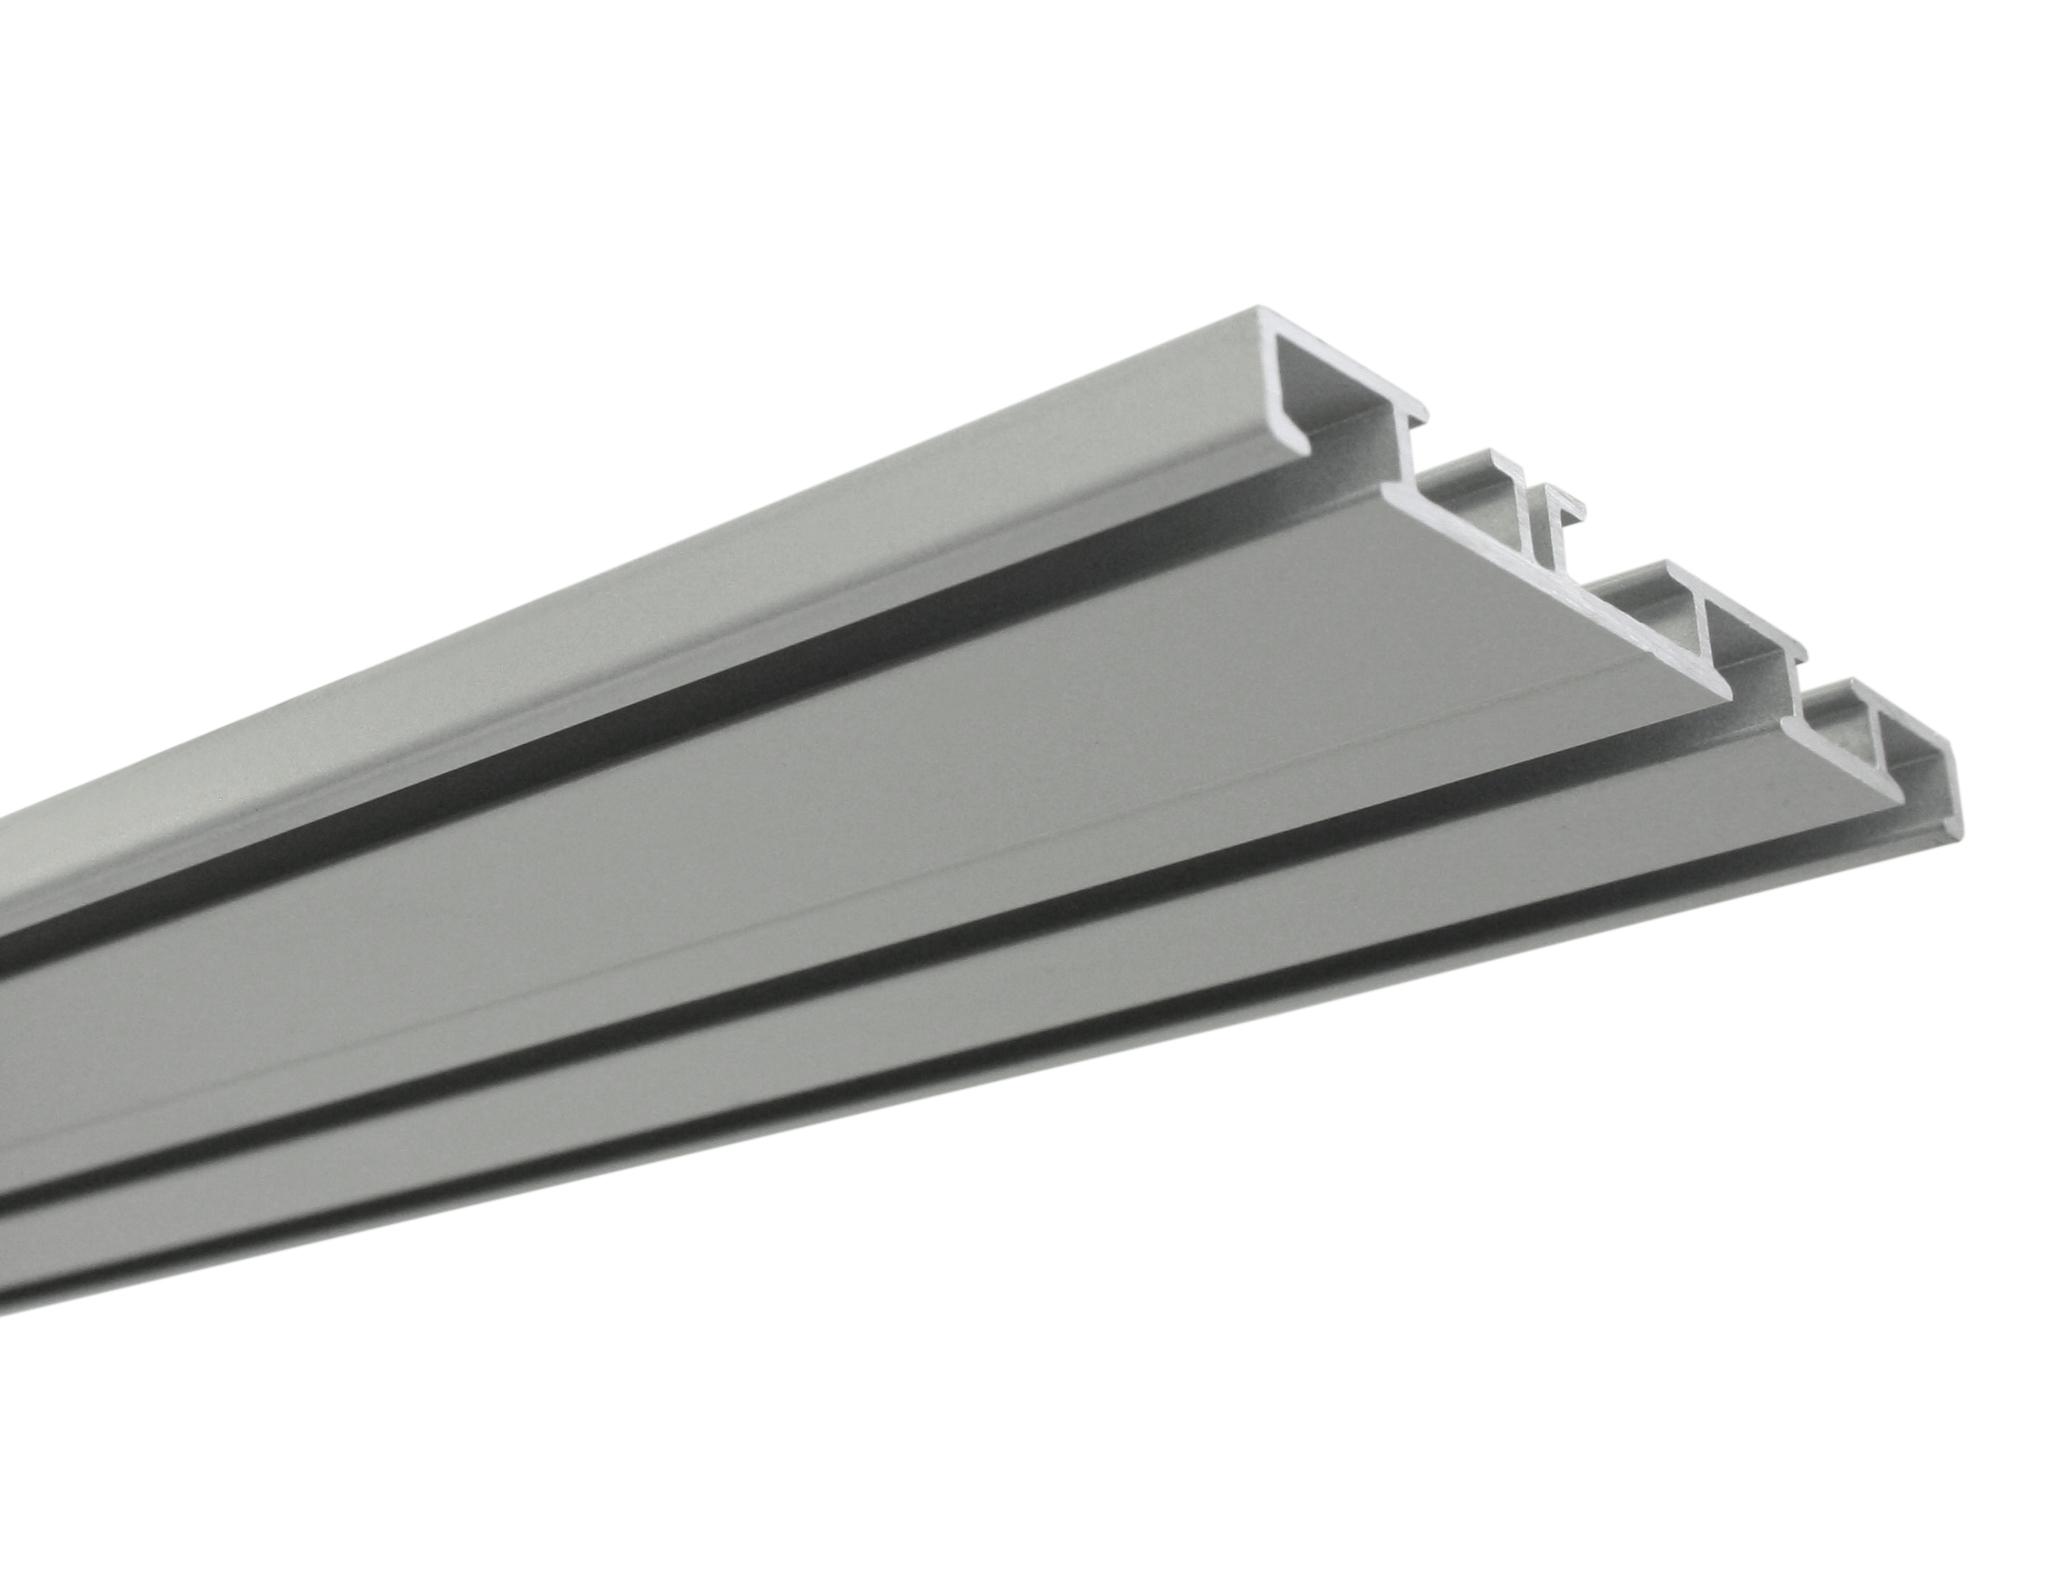 Bekannt Vorhangschiene 3-läufig aluminium 150 cm-31619 OJ86